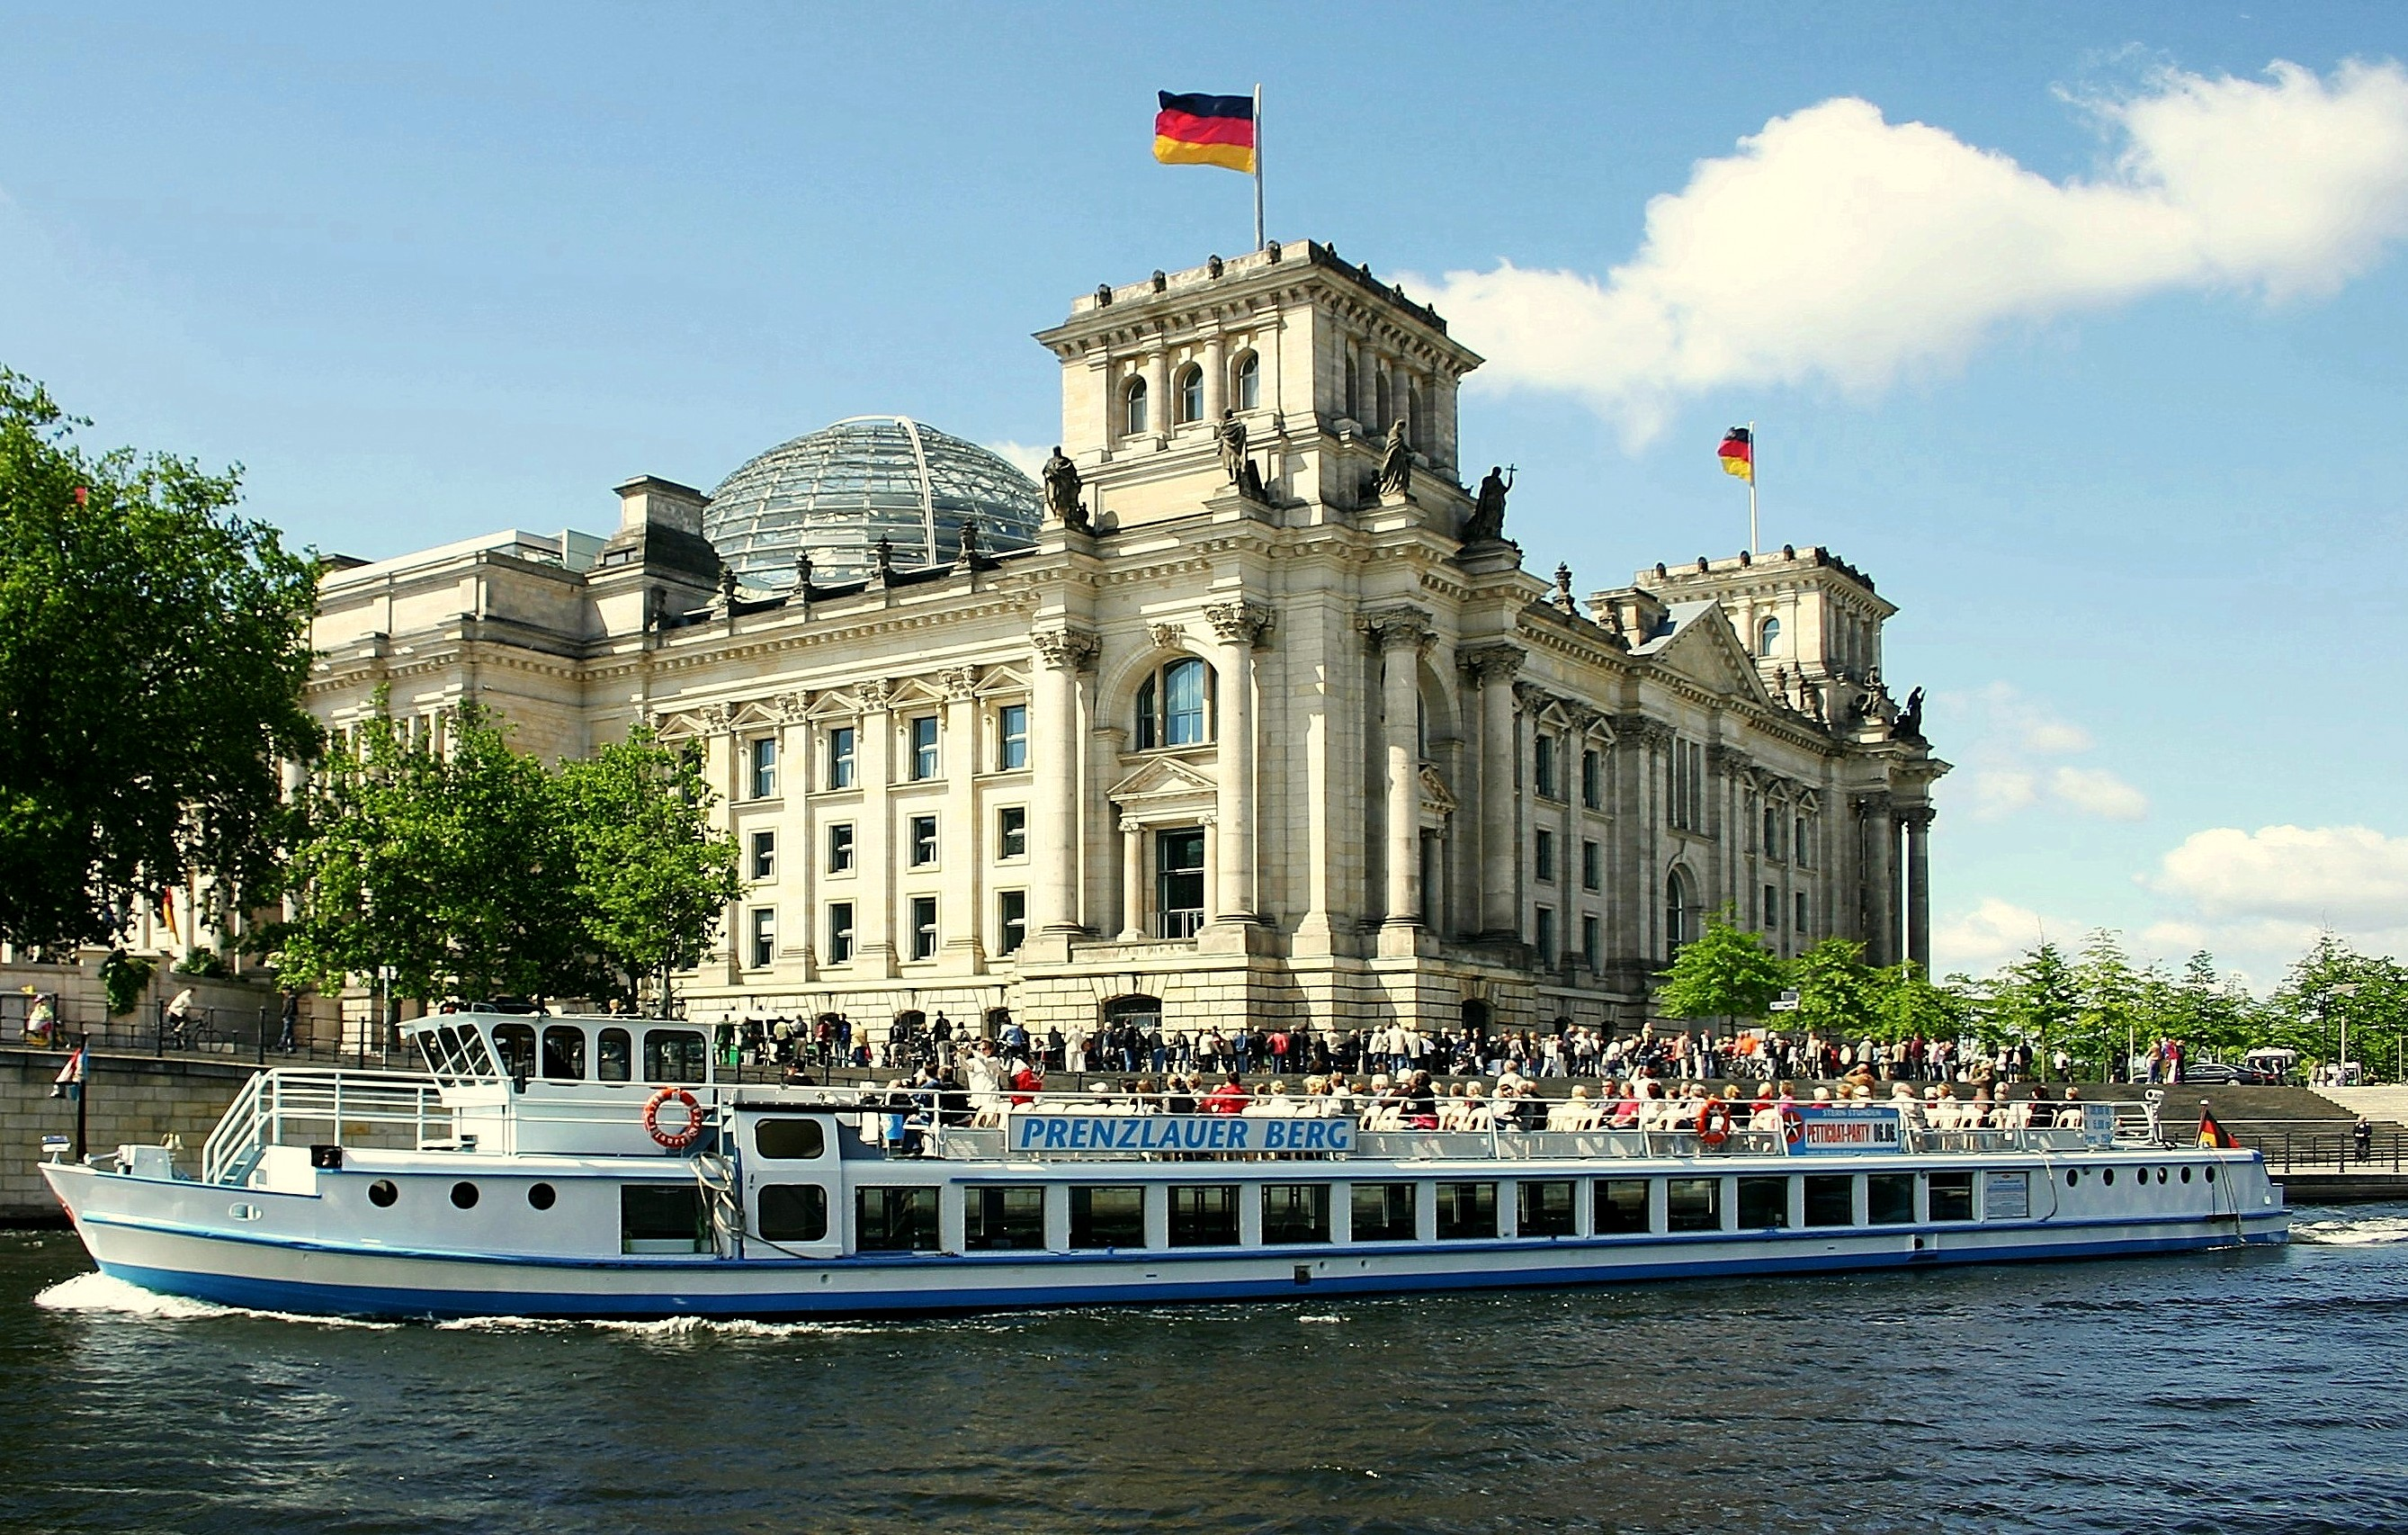 Reichstagsgeb%C3%A4ude in Berlin von der Spreeseite aus ✧ Das erste Mal in Berlin - Was Sie unbedingt besuchen müssen! ✧ Local City Guide